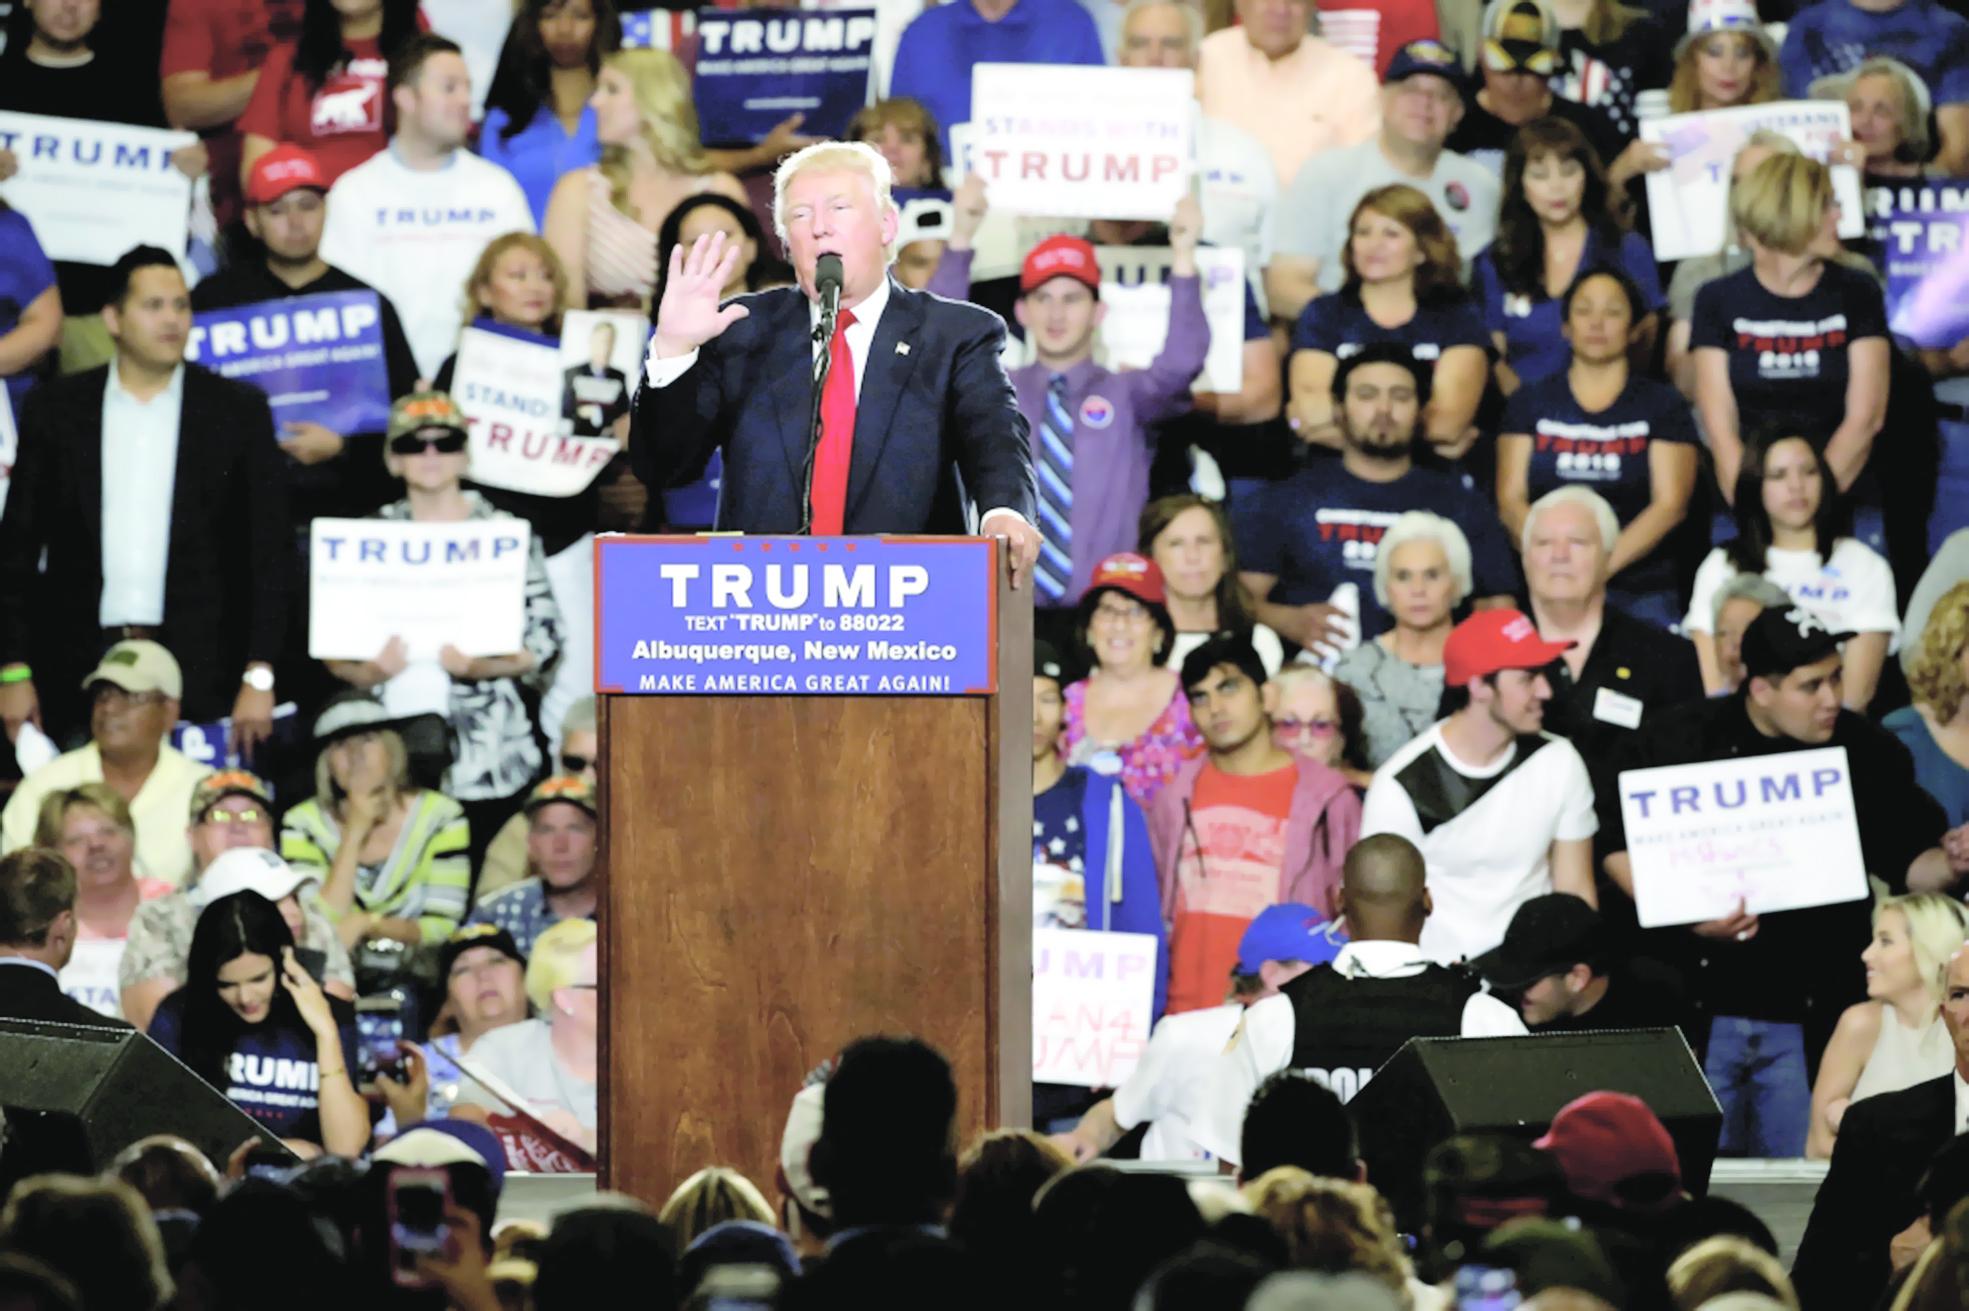 ترامب بين استمرار التقدم واستهداف تجمعاته